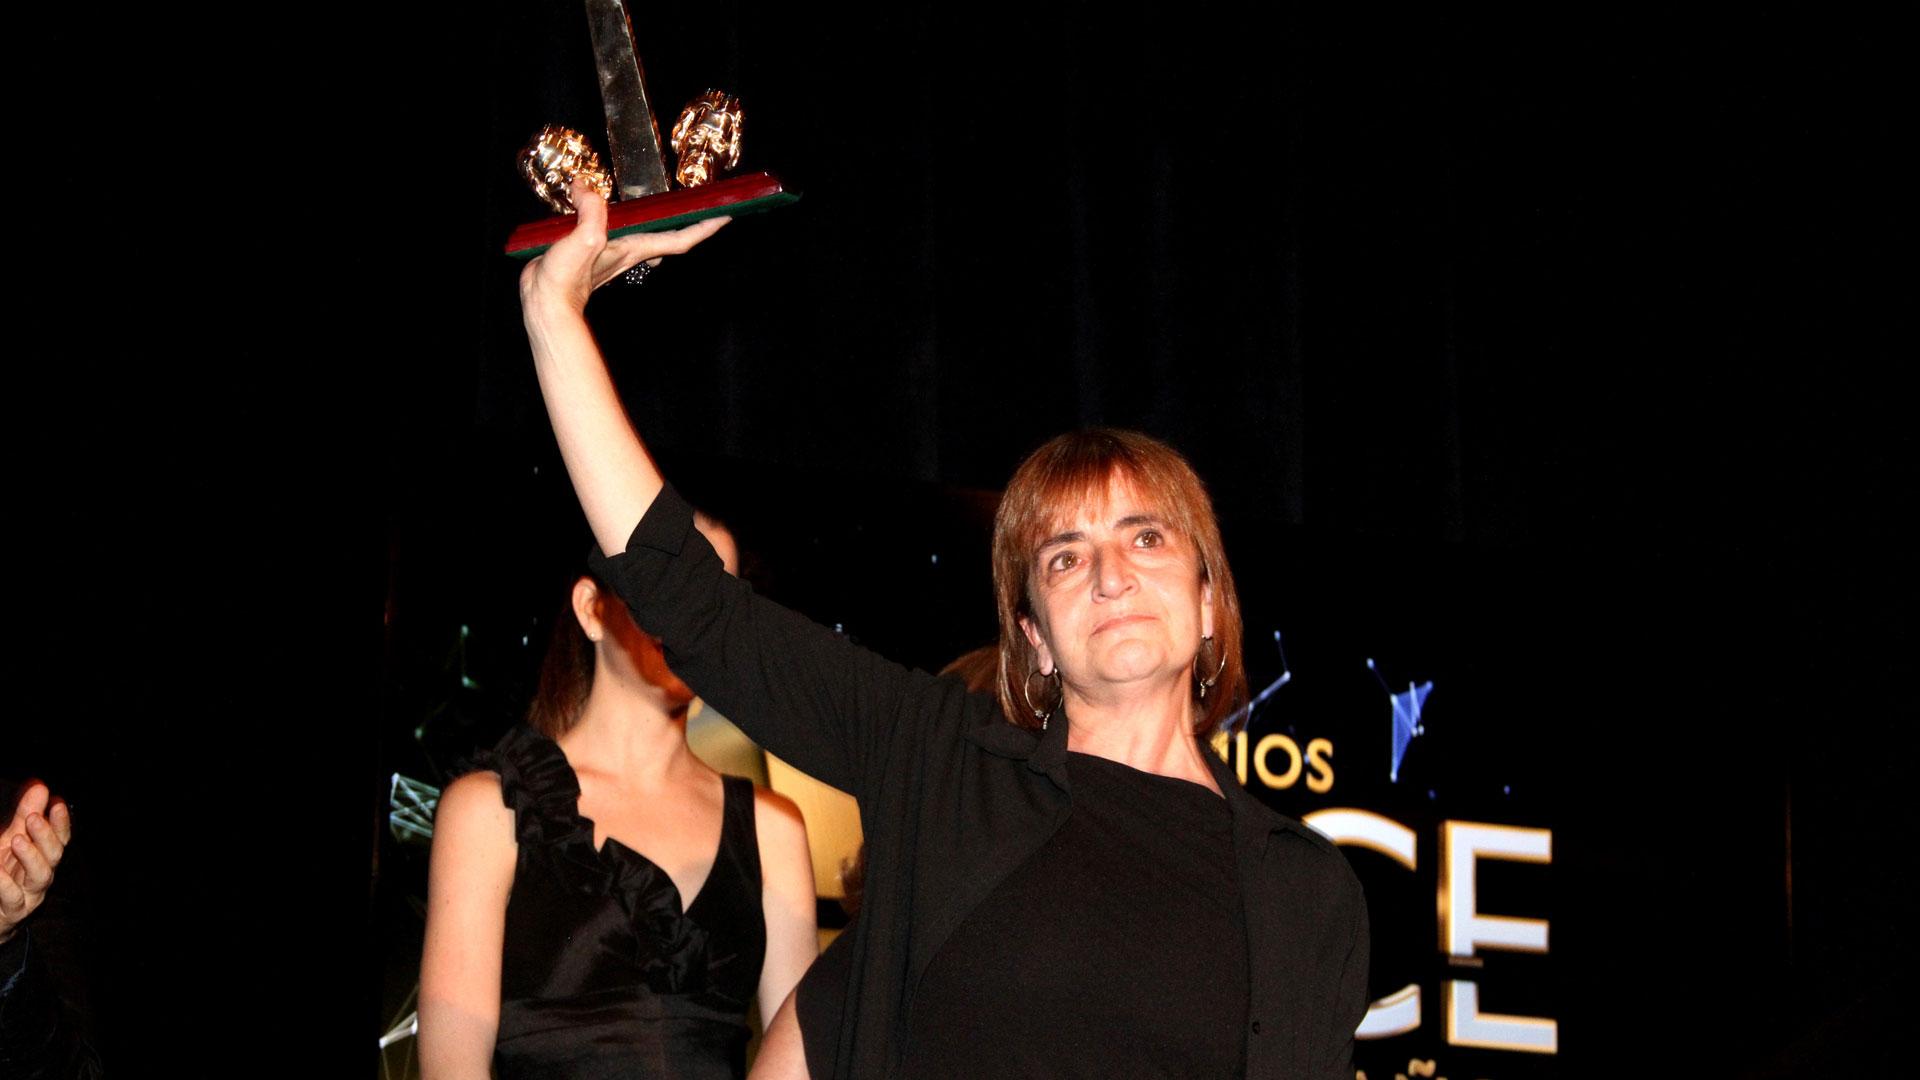 La directora teatral Corina Fiorillo se llevó el ACE de Oro